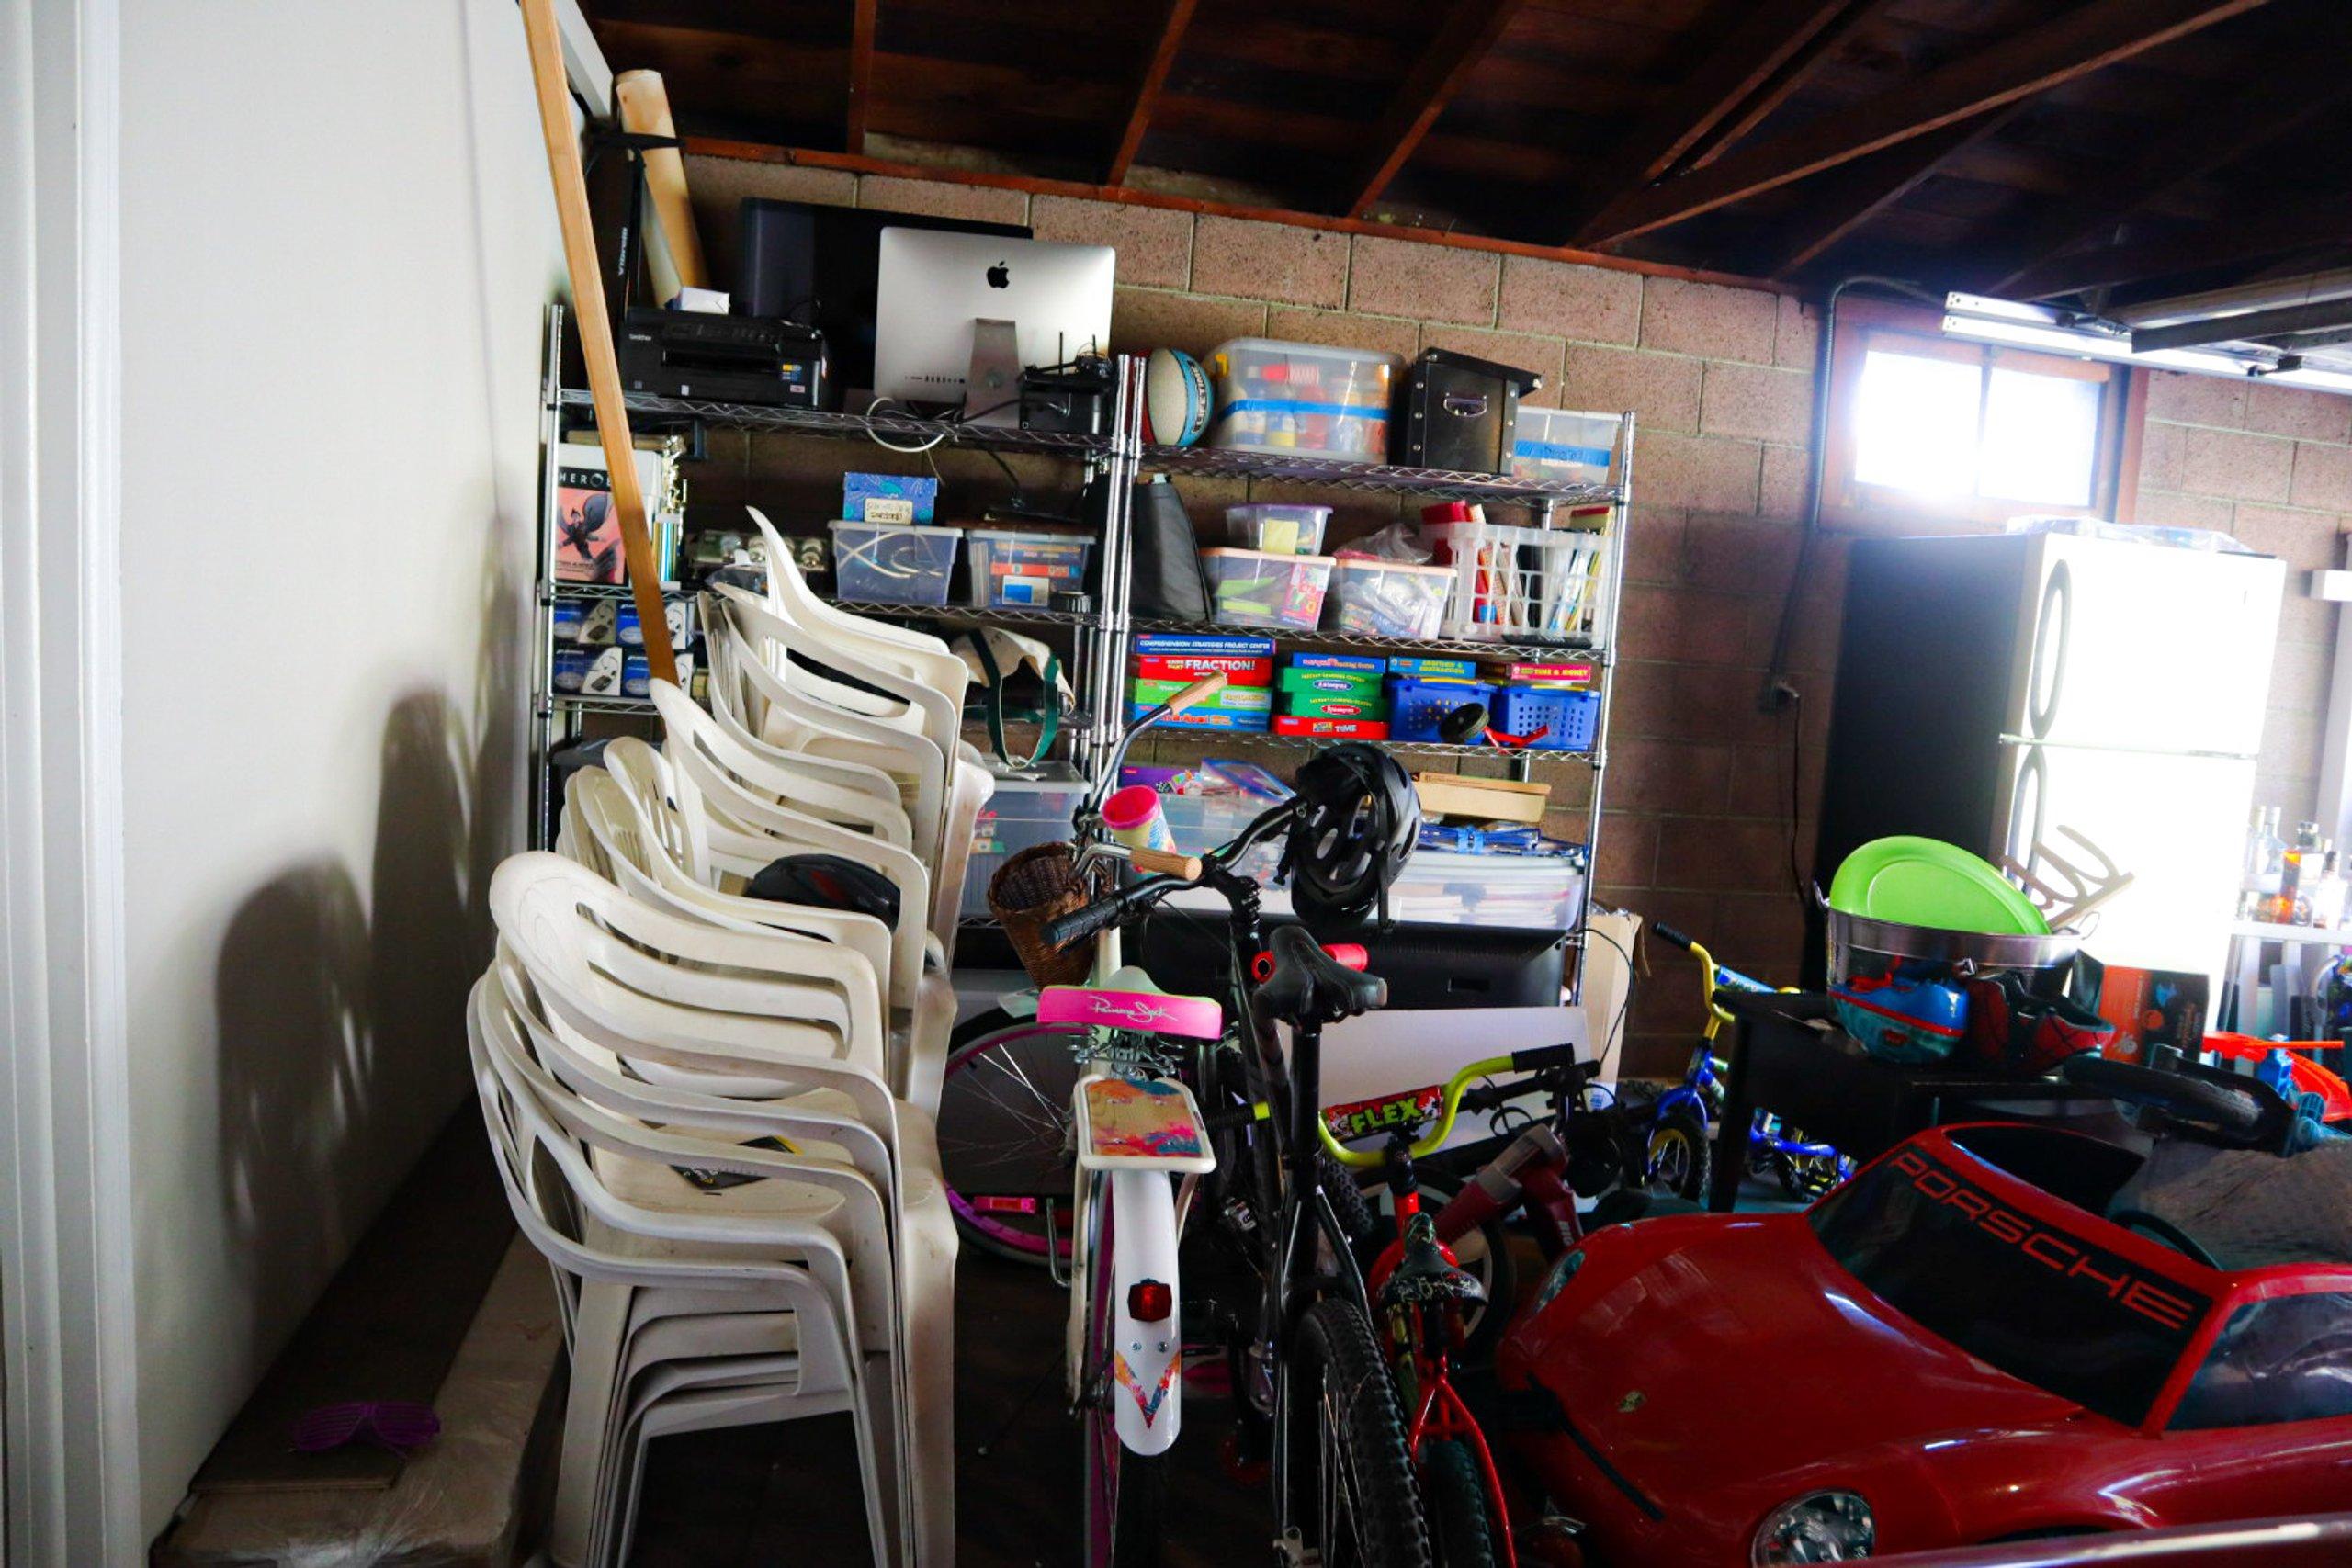 20x8 Garage self storage unit